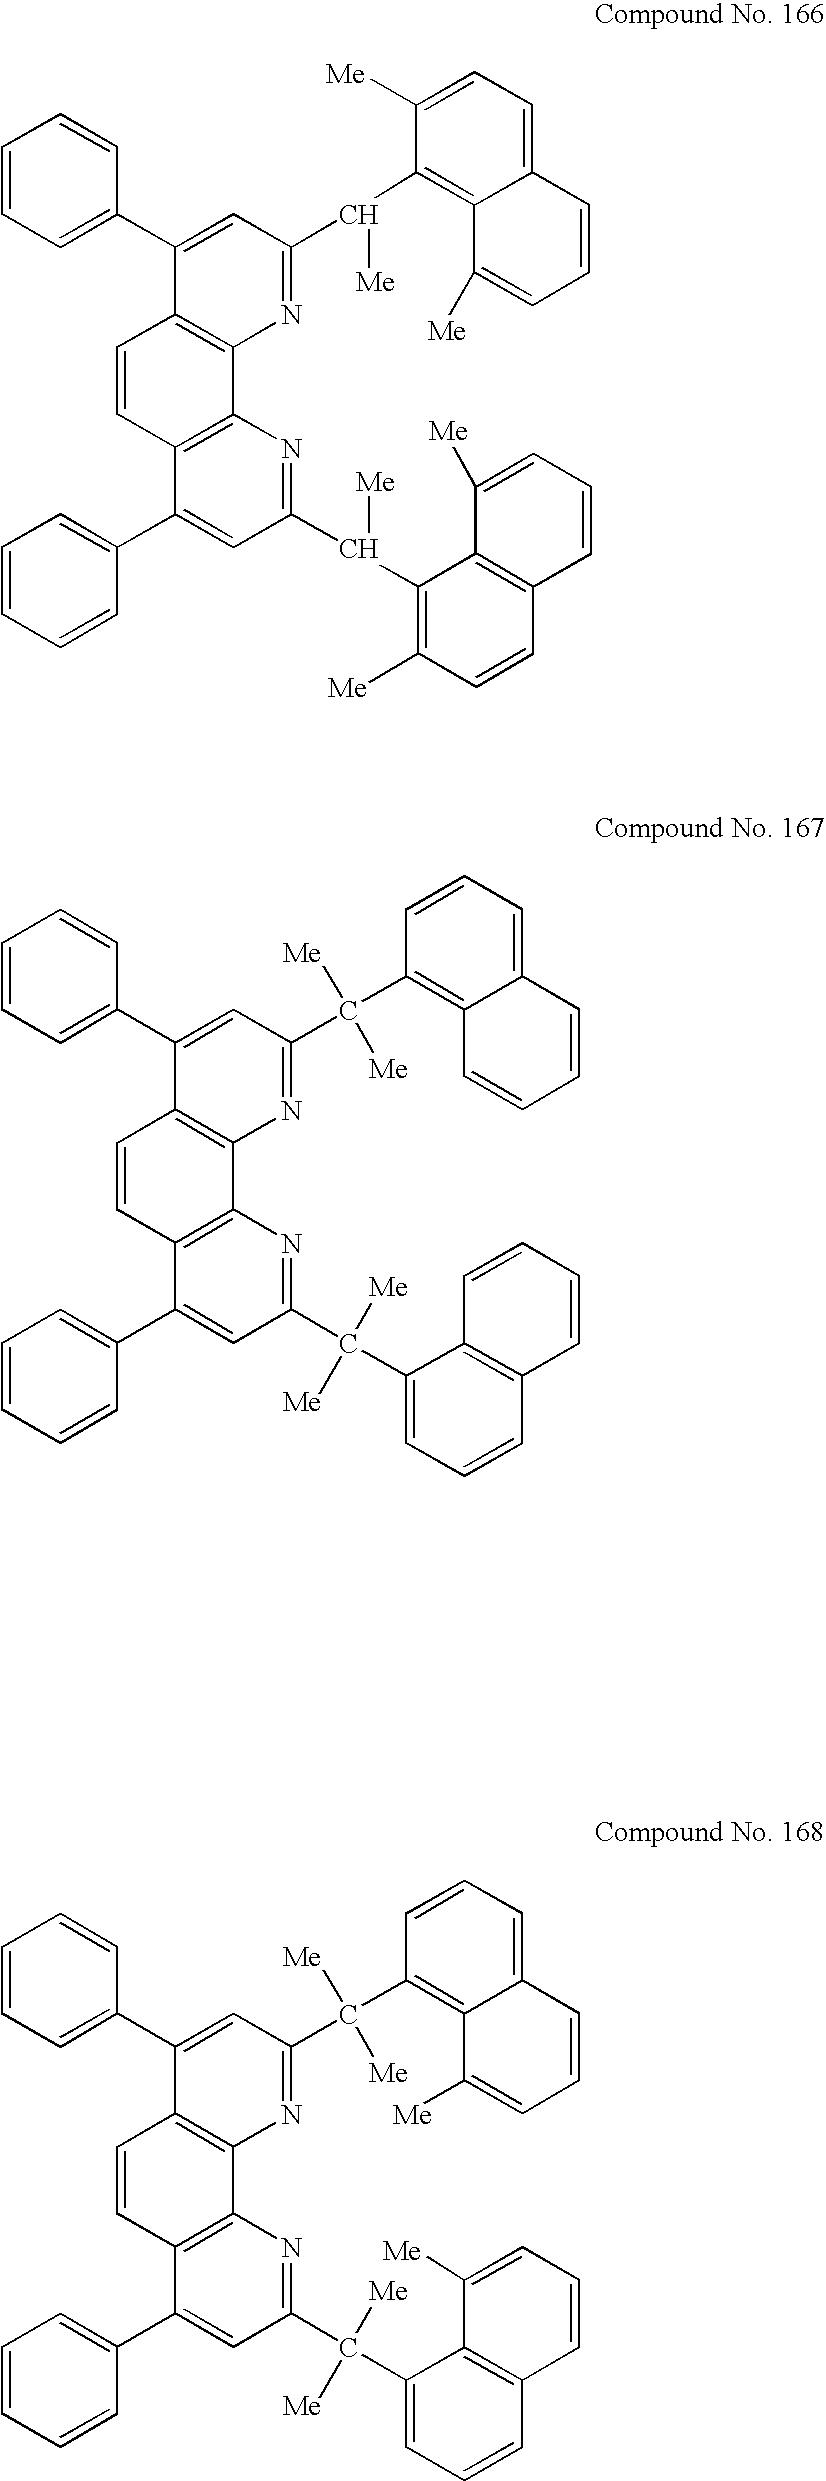 Figure US20050073641A1-20050407-C00054